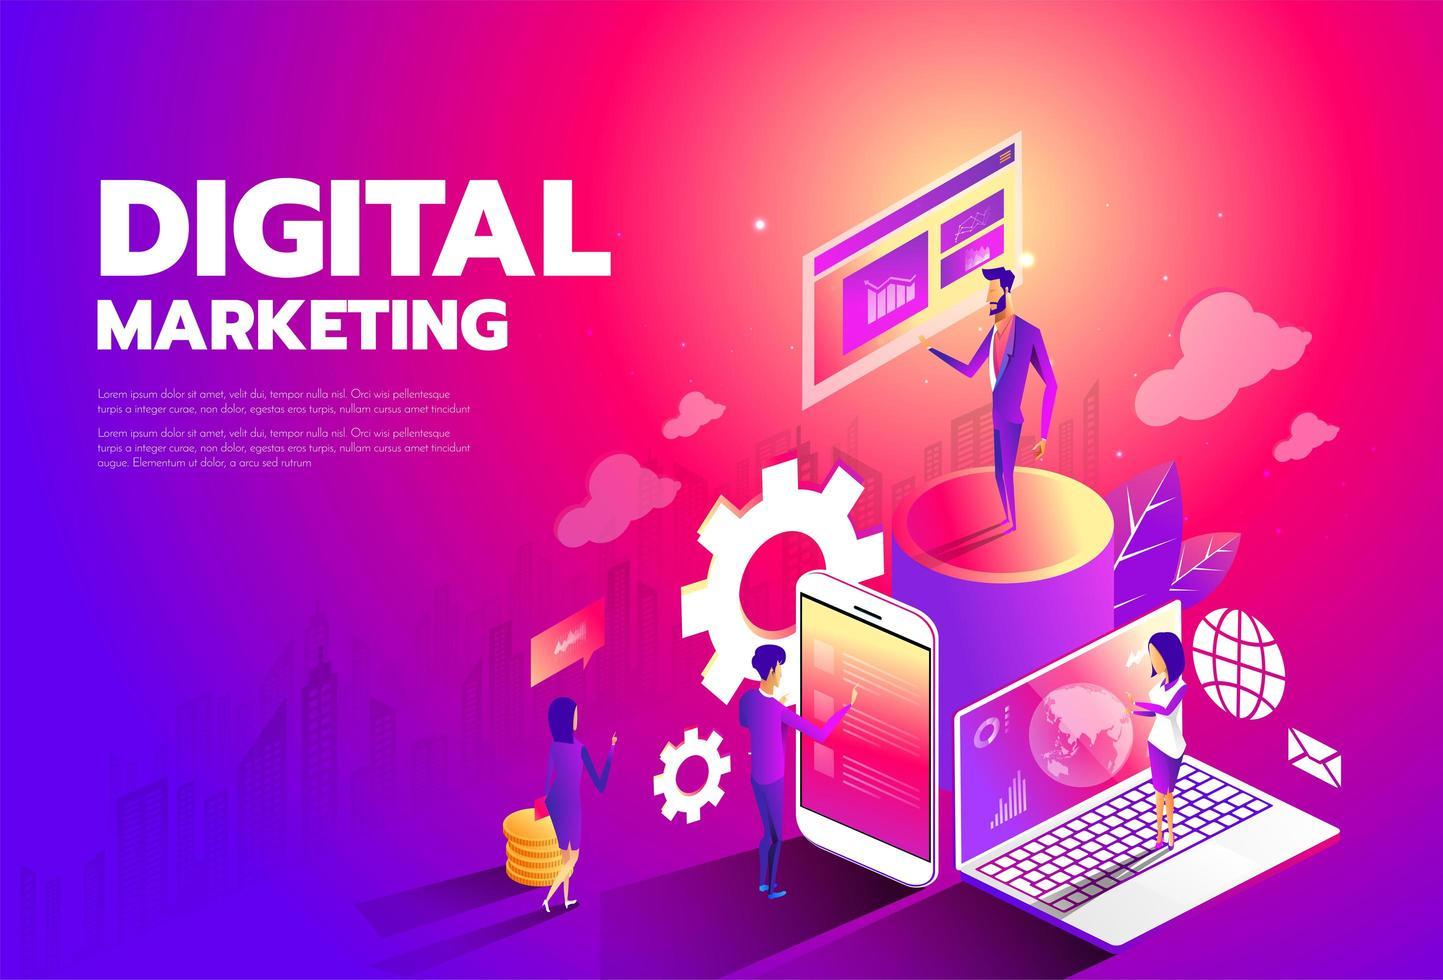 isometrisk stil design - marknadsföring strategi för innehåll, digital marknadsföring, innehåll delning platt vektor banner.